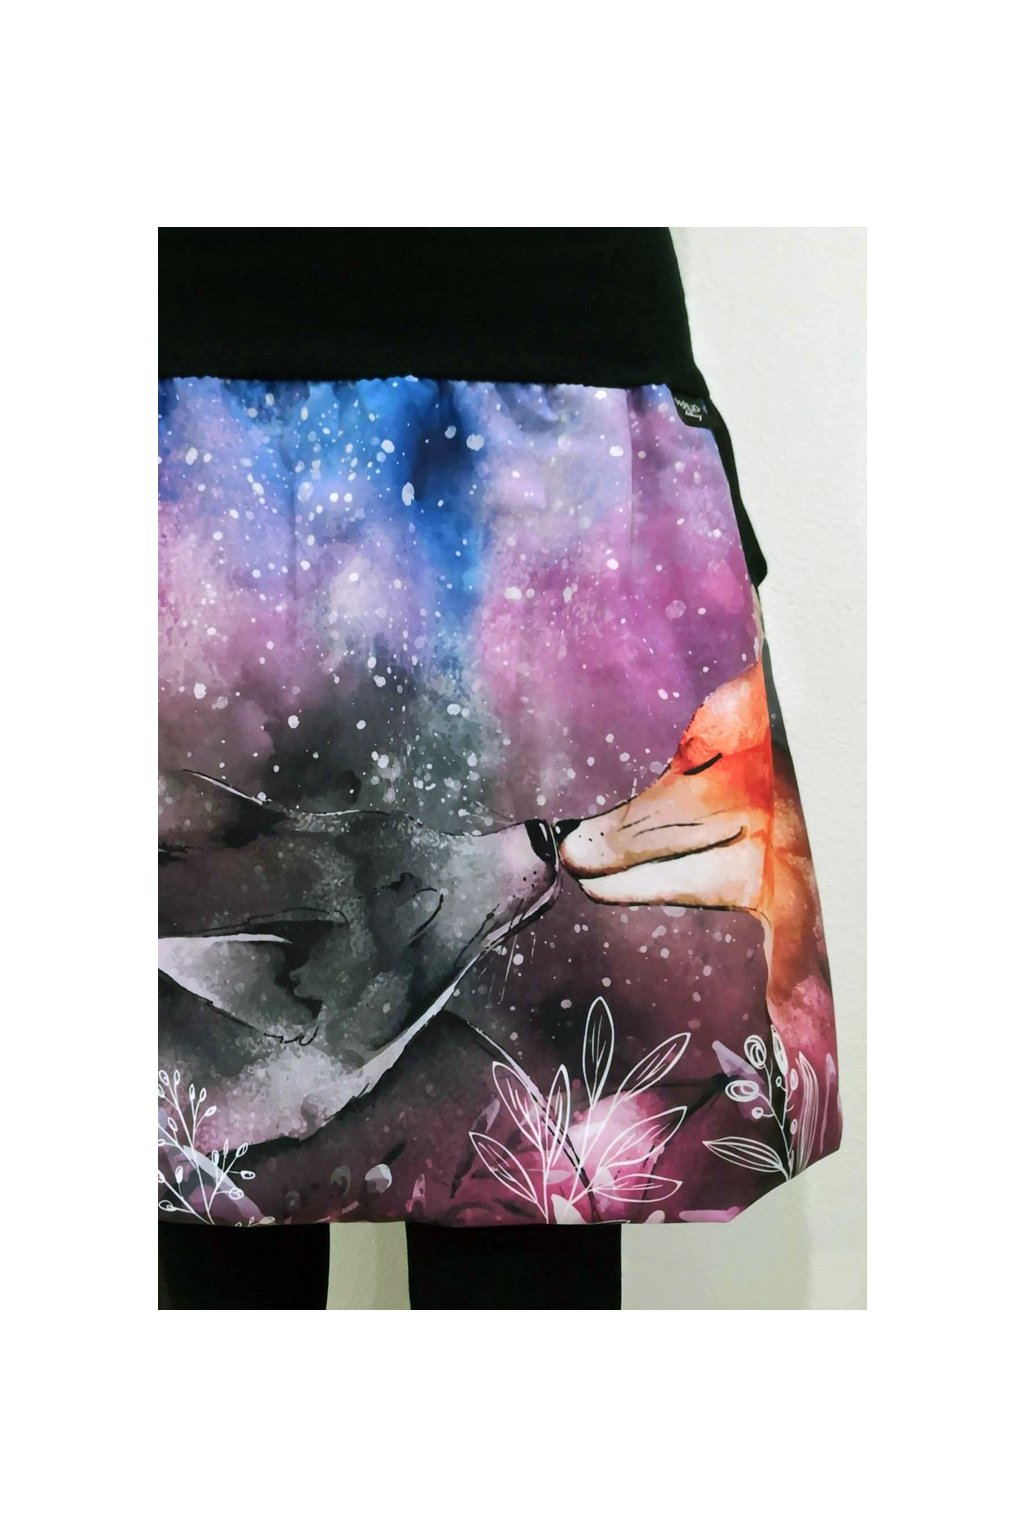 SKLADEM - Balonová sukně Liščí polibek | micropeach